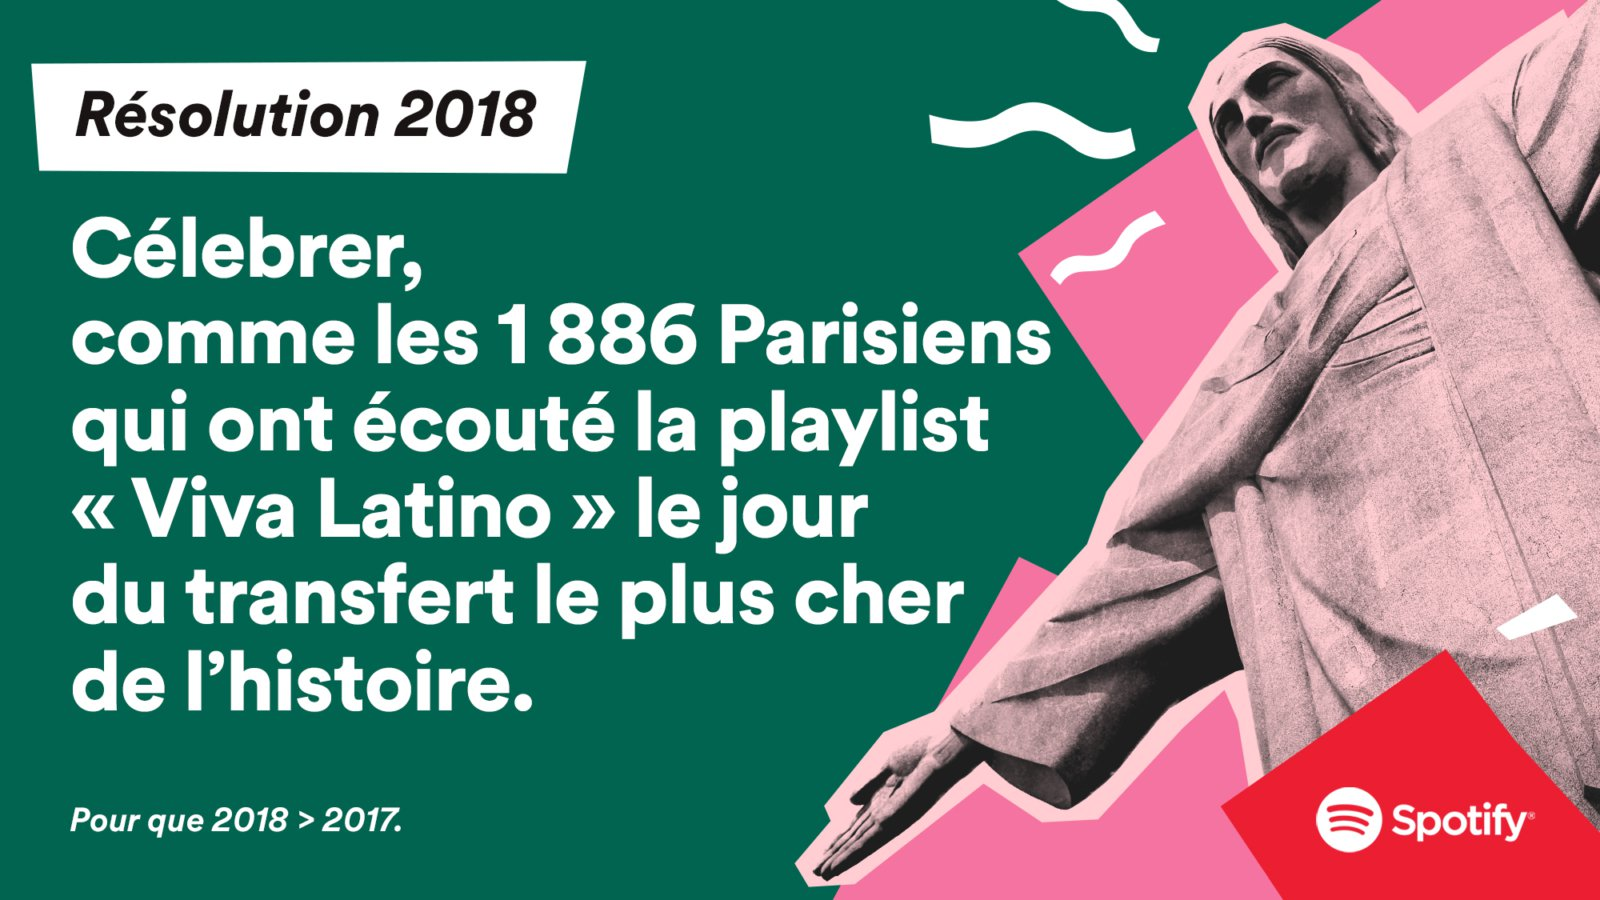 Spotify (8)